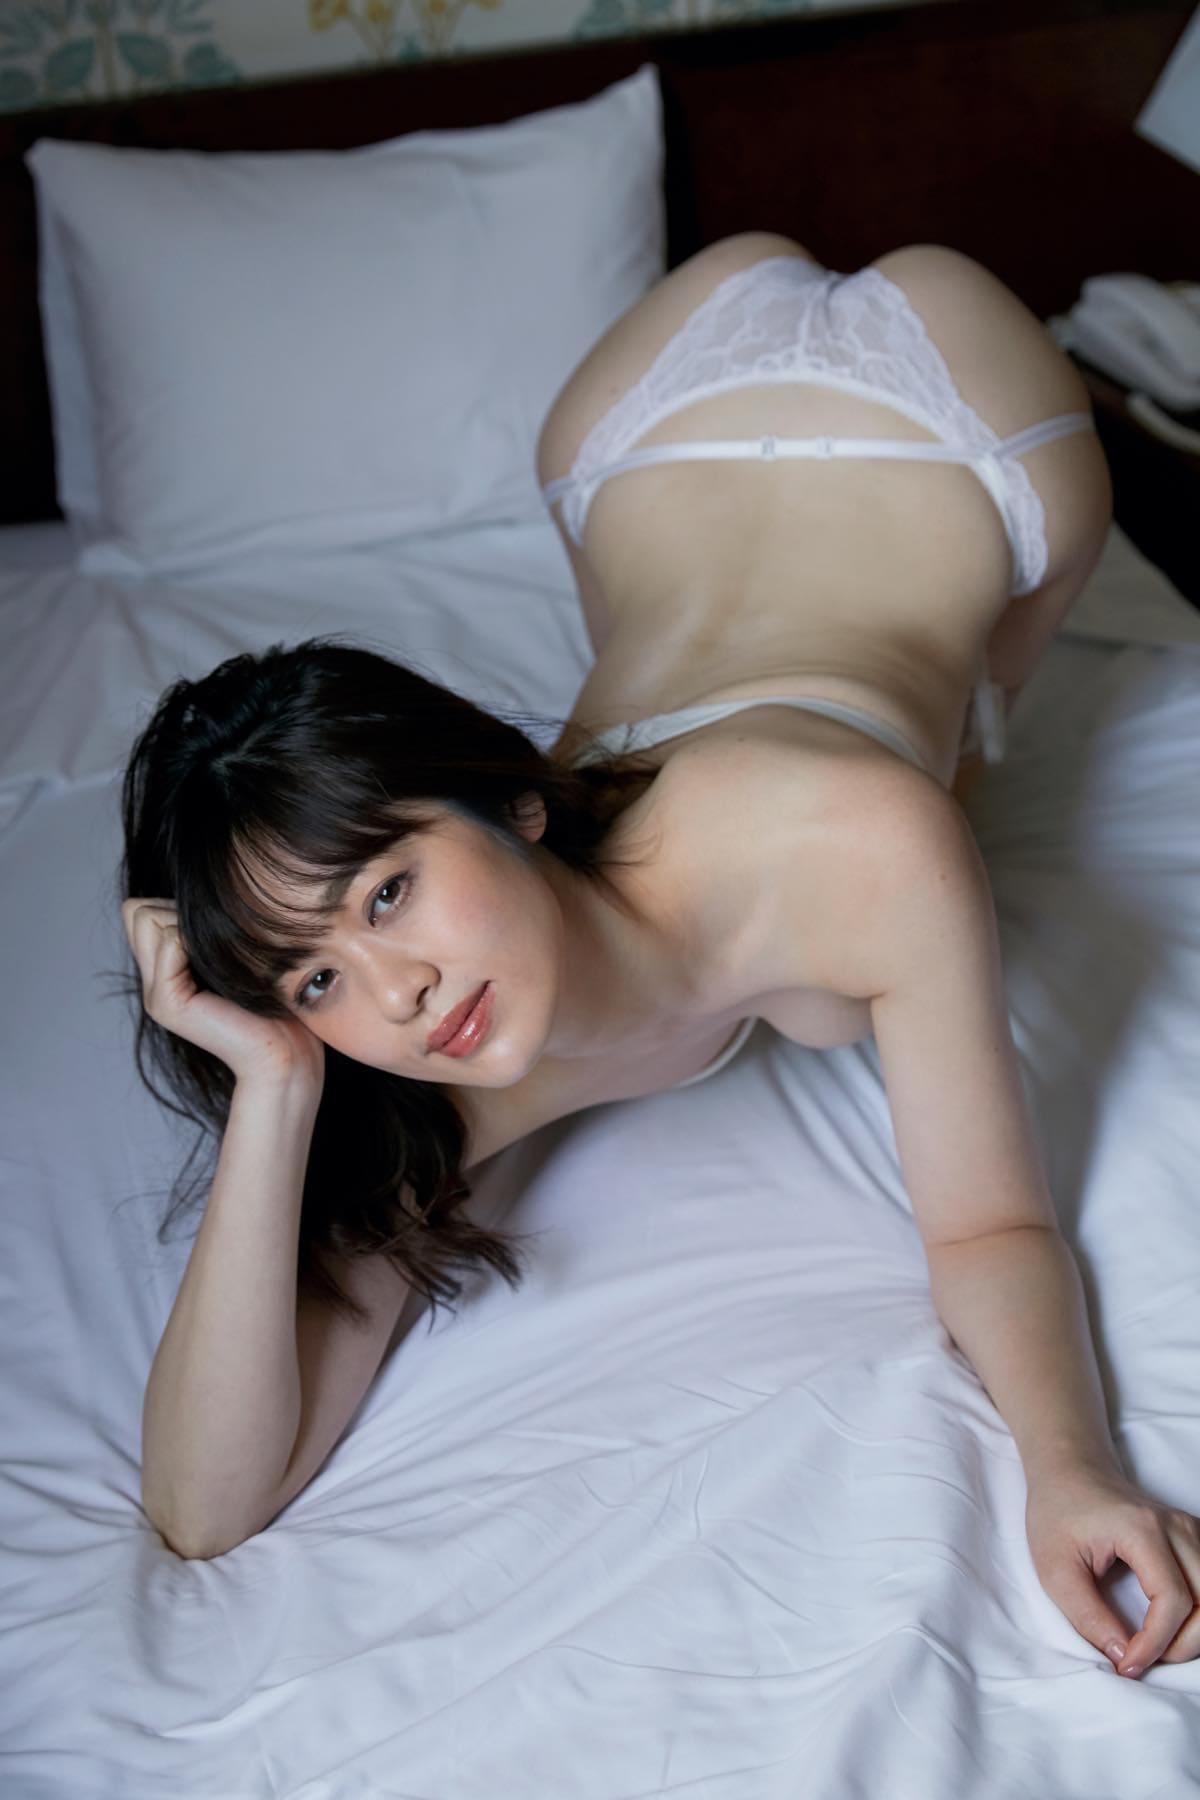 池田裕子「白桃のような美ヒップ」艶っぽい大人の魅力に撃沈!【画像12枚】の画像011